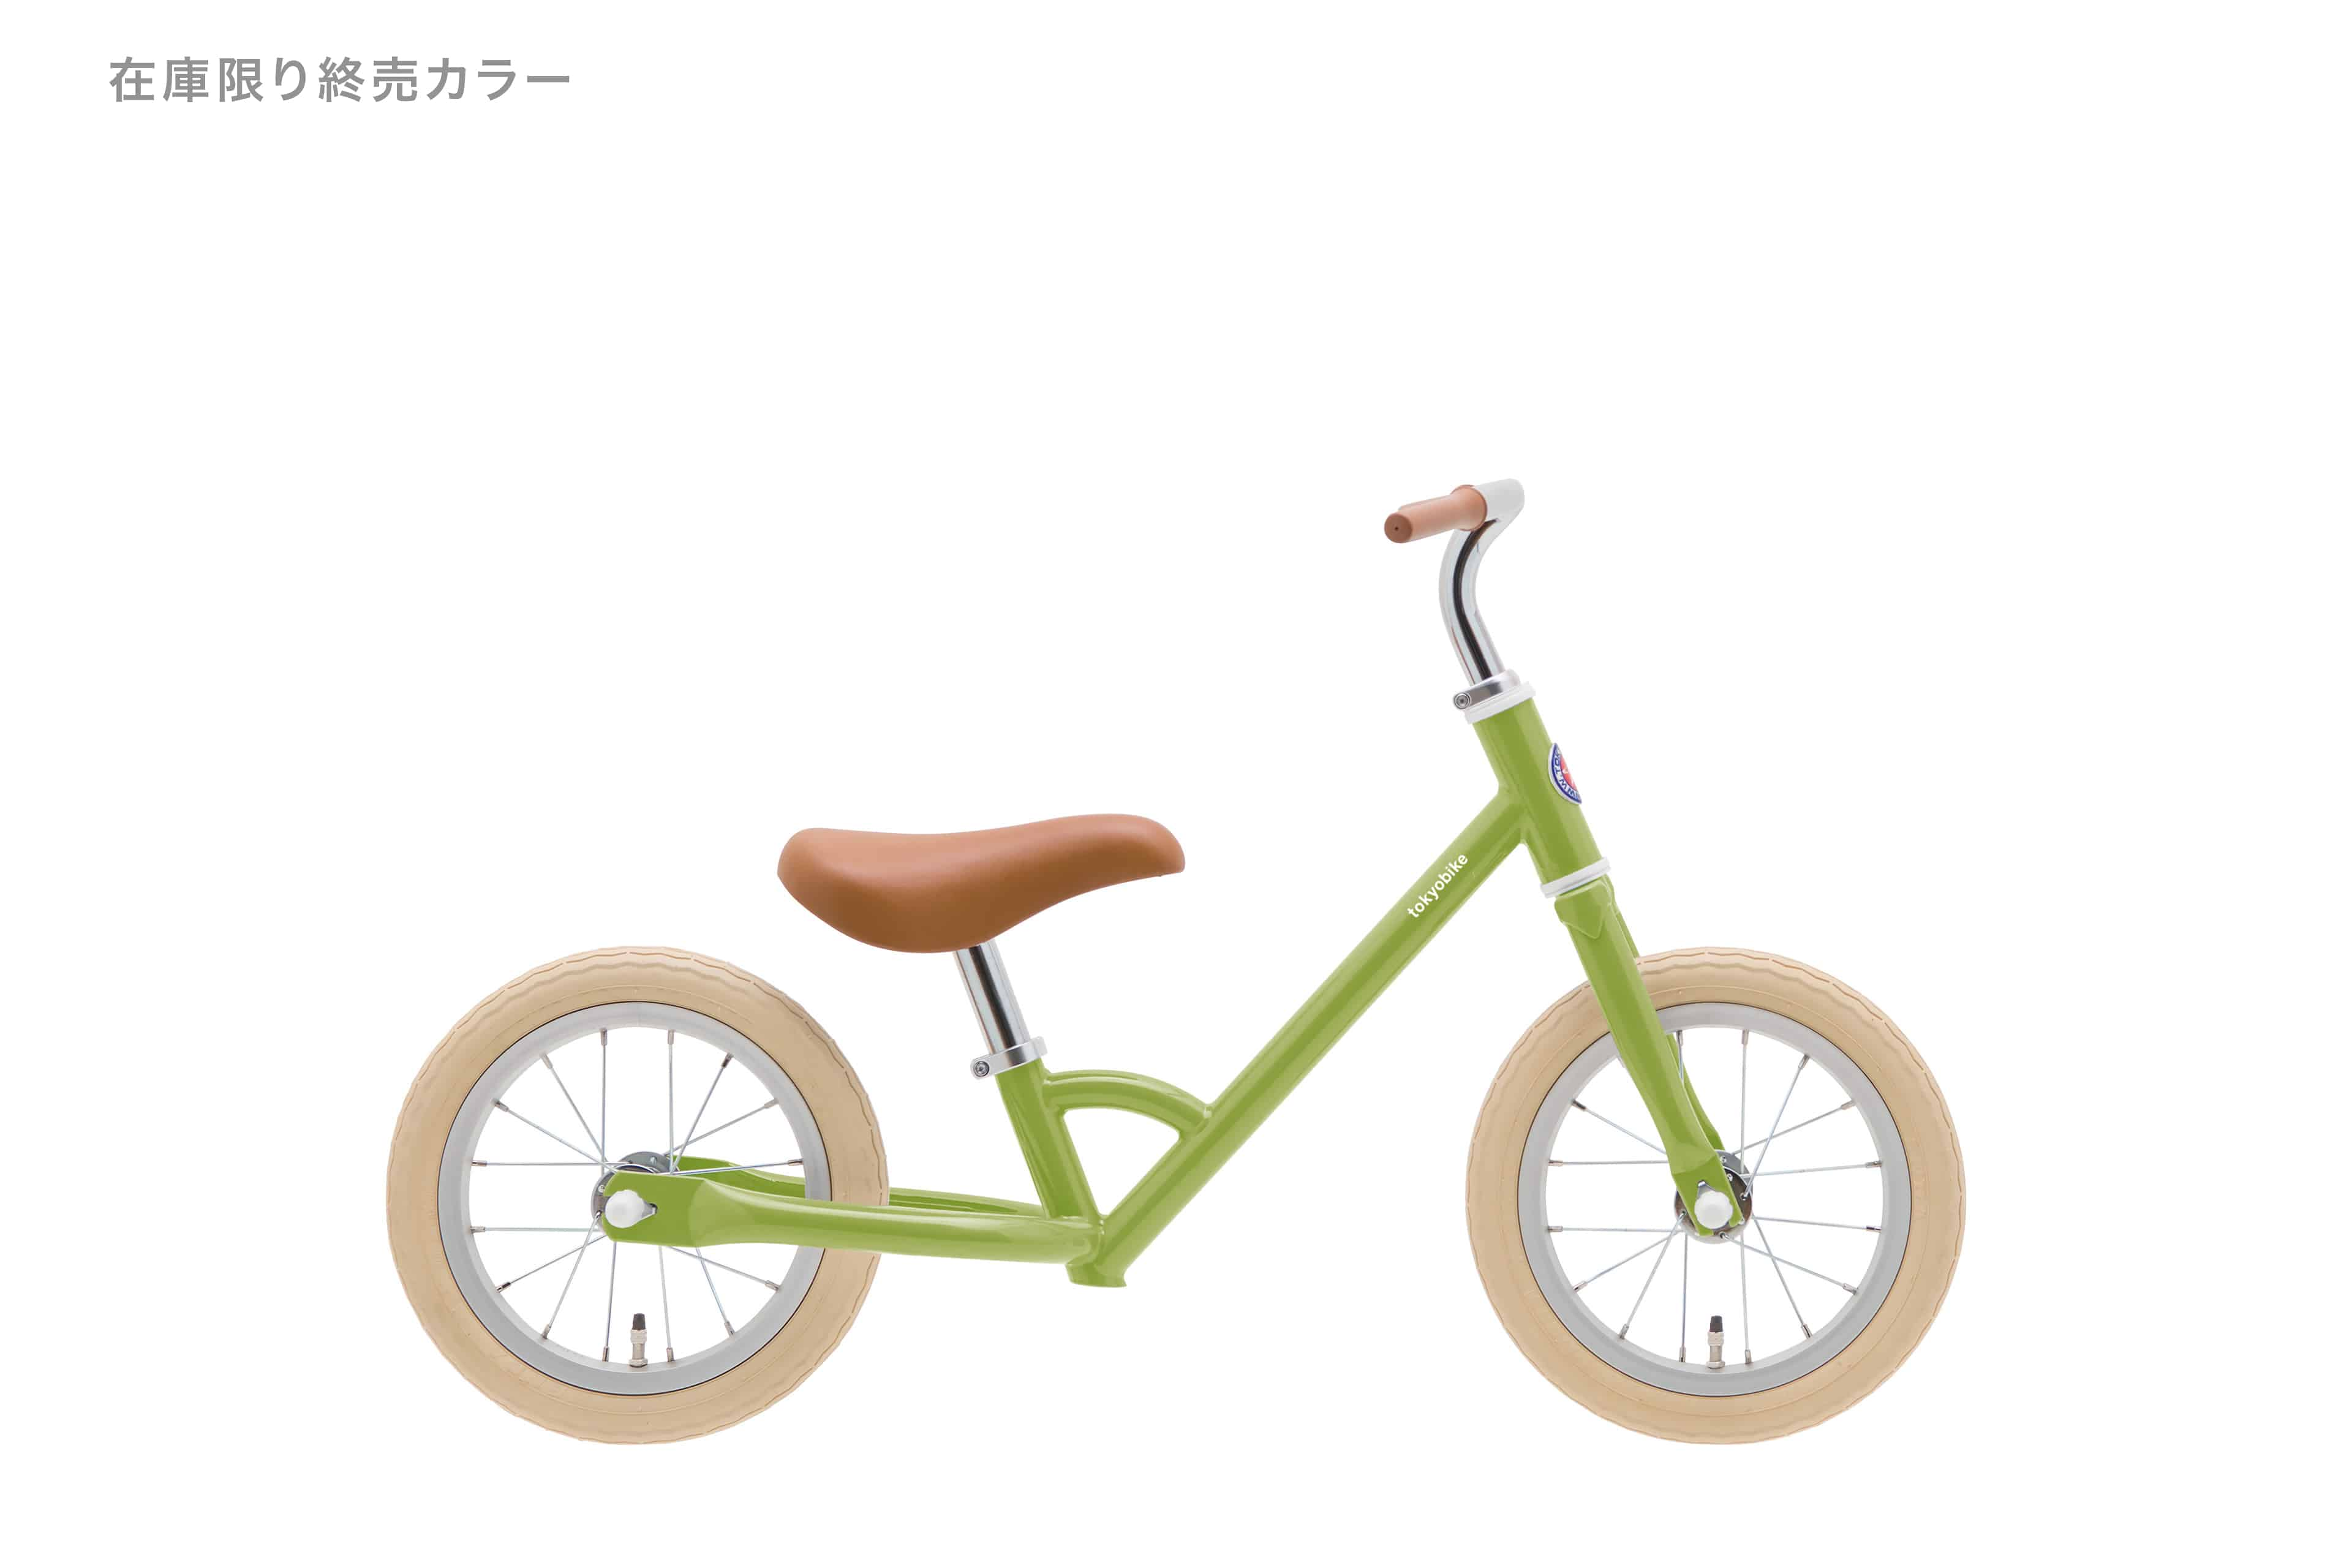 キックバイク tokyobike paddle